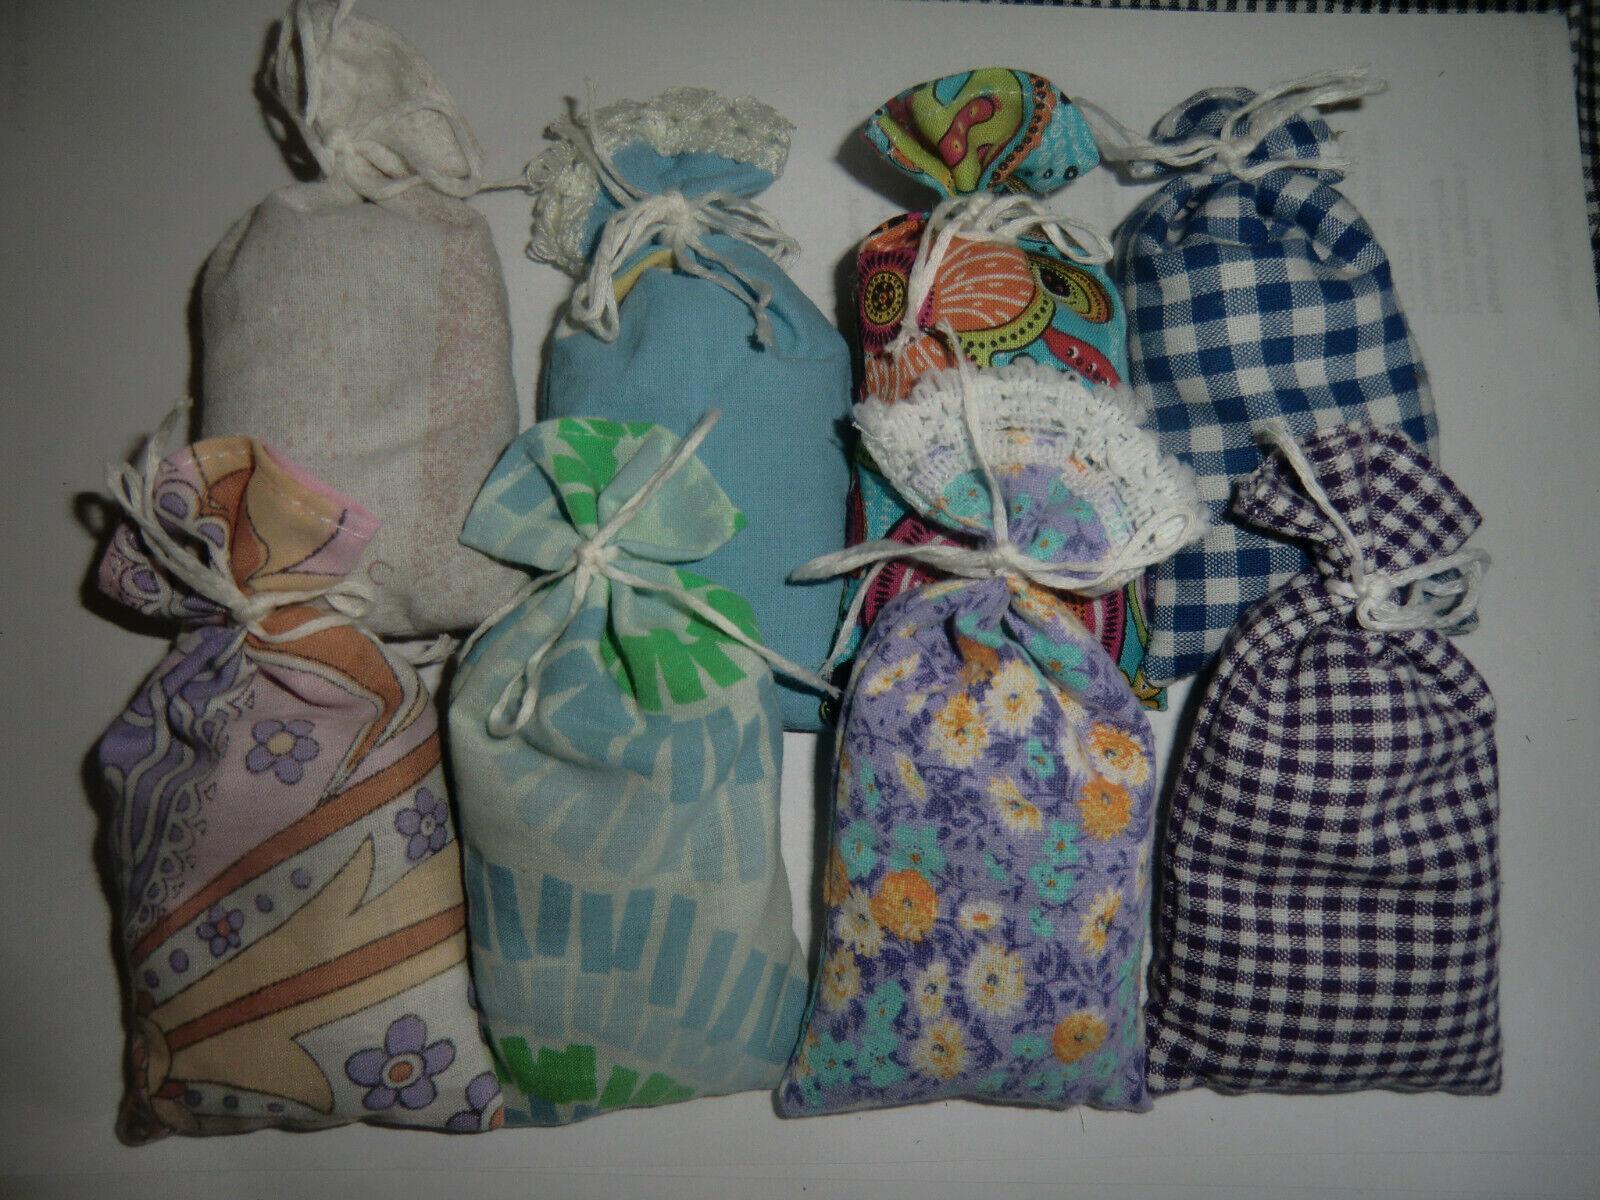 10 +2 Lavendelsäckchen bunt gemischt Sonderposten Schrankduft Deko Wäscheduft